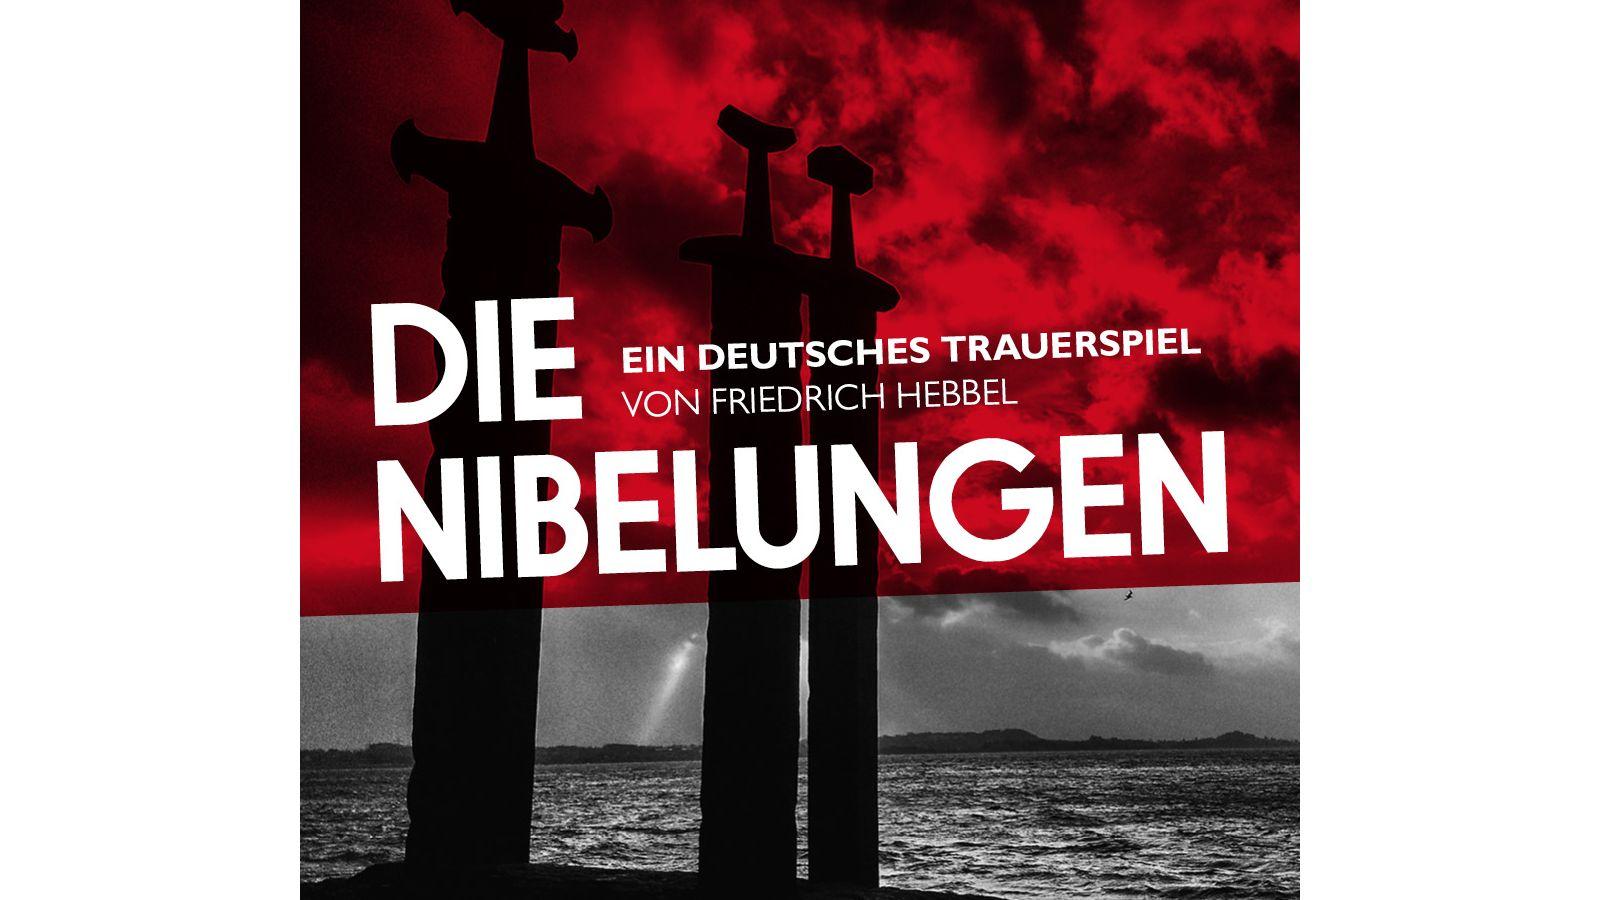 www.mecklenburgisches-staatstheater.de © www.mecklenburgisches-staatstheater.de